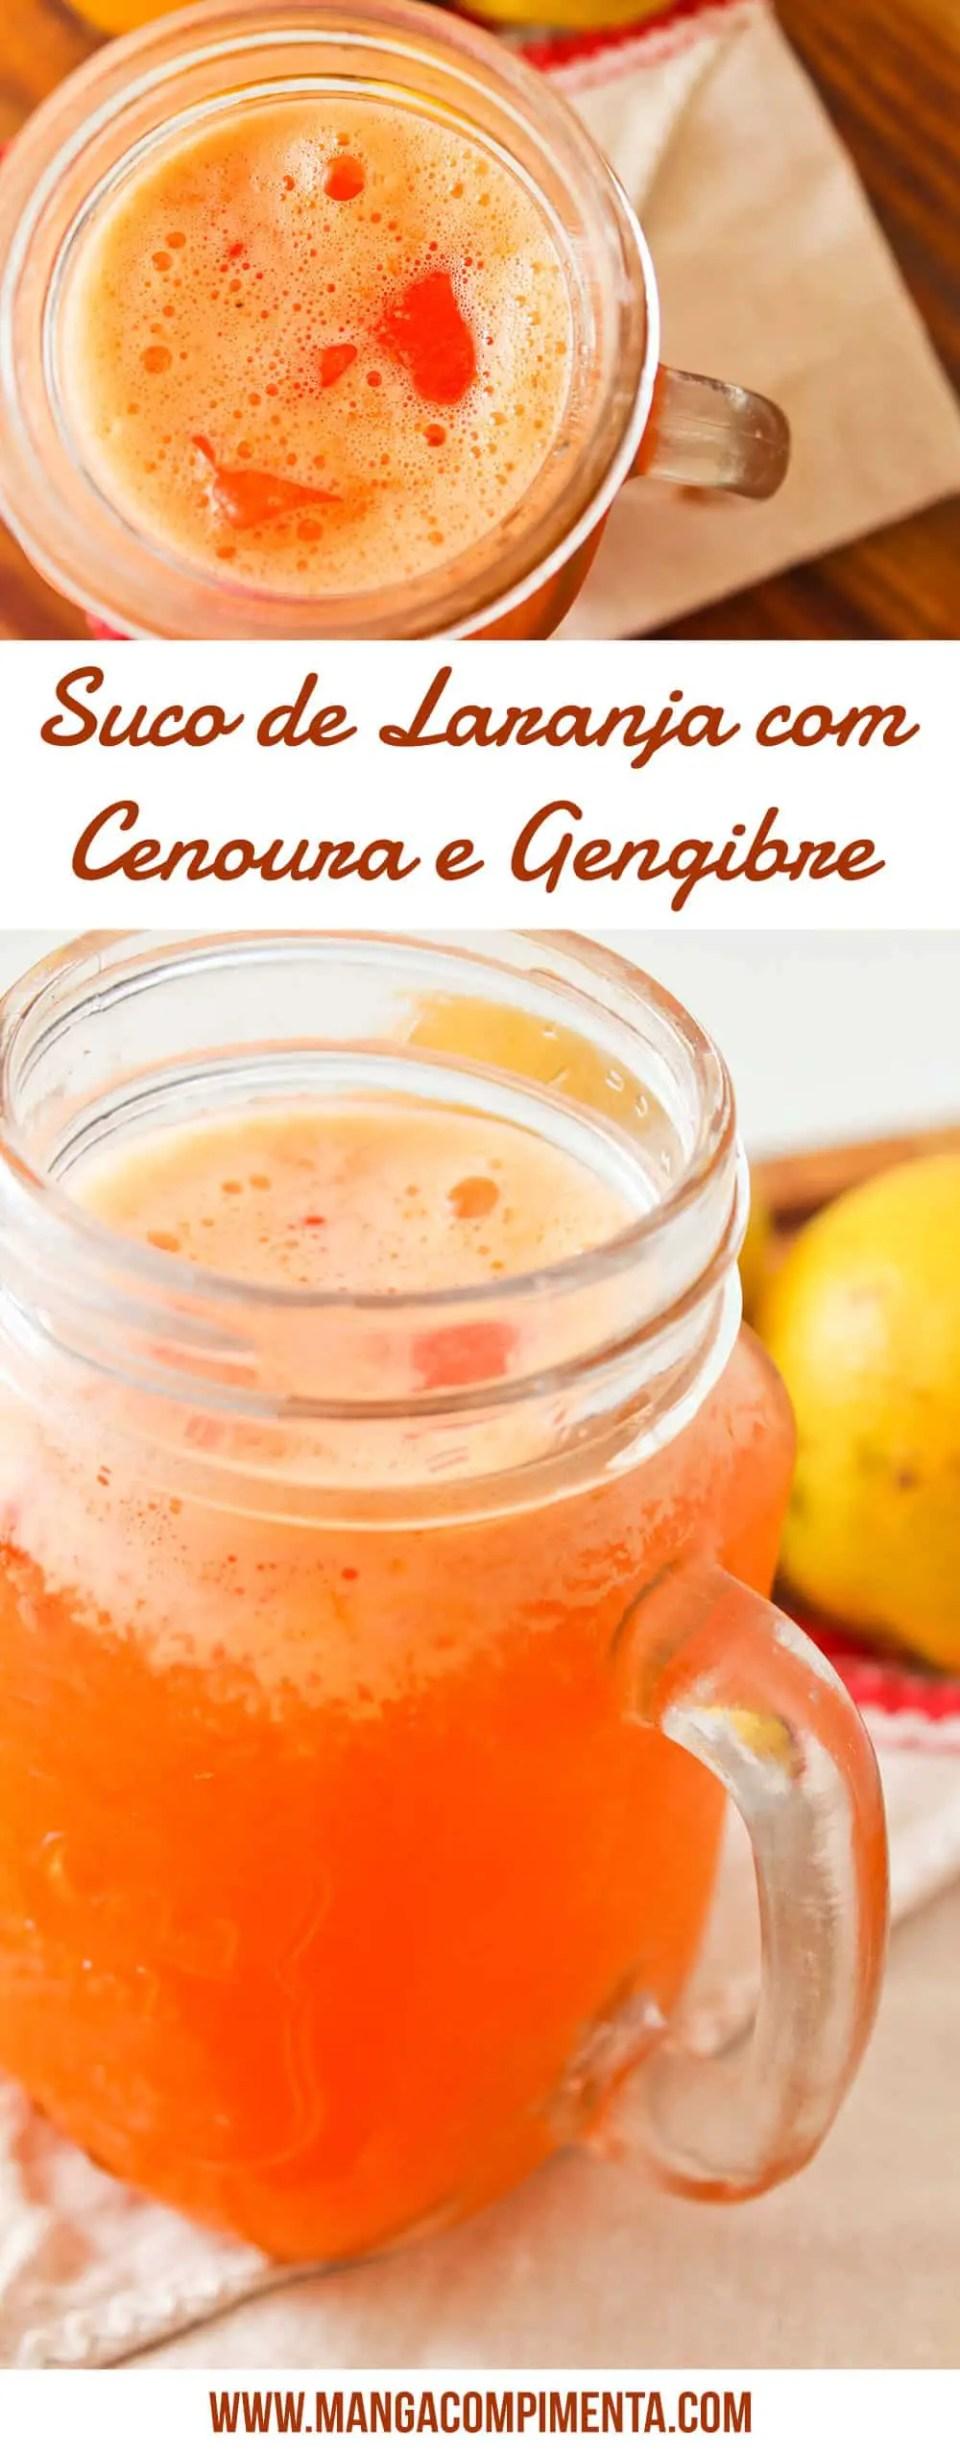 Suco de Laranja com Cenoura e Gengibre - Bebida nutritiva para matar a sede nesse verão.